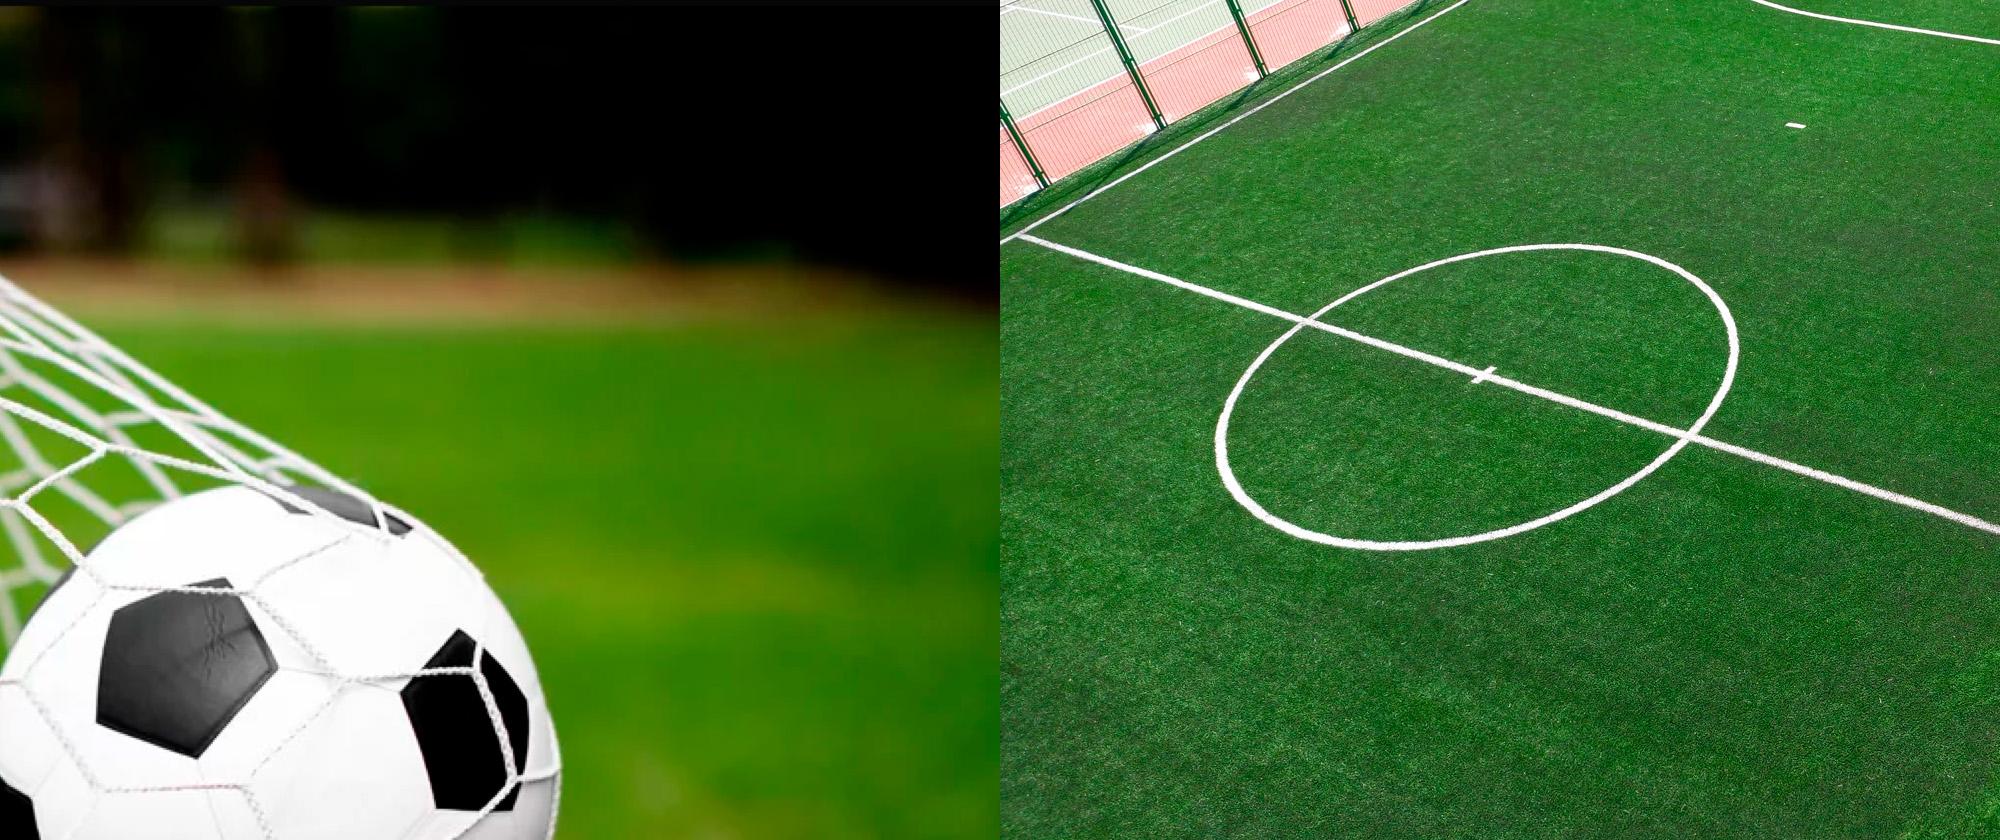 Аренда поля для мини футбола